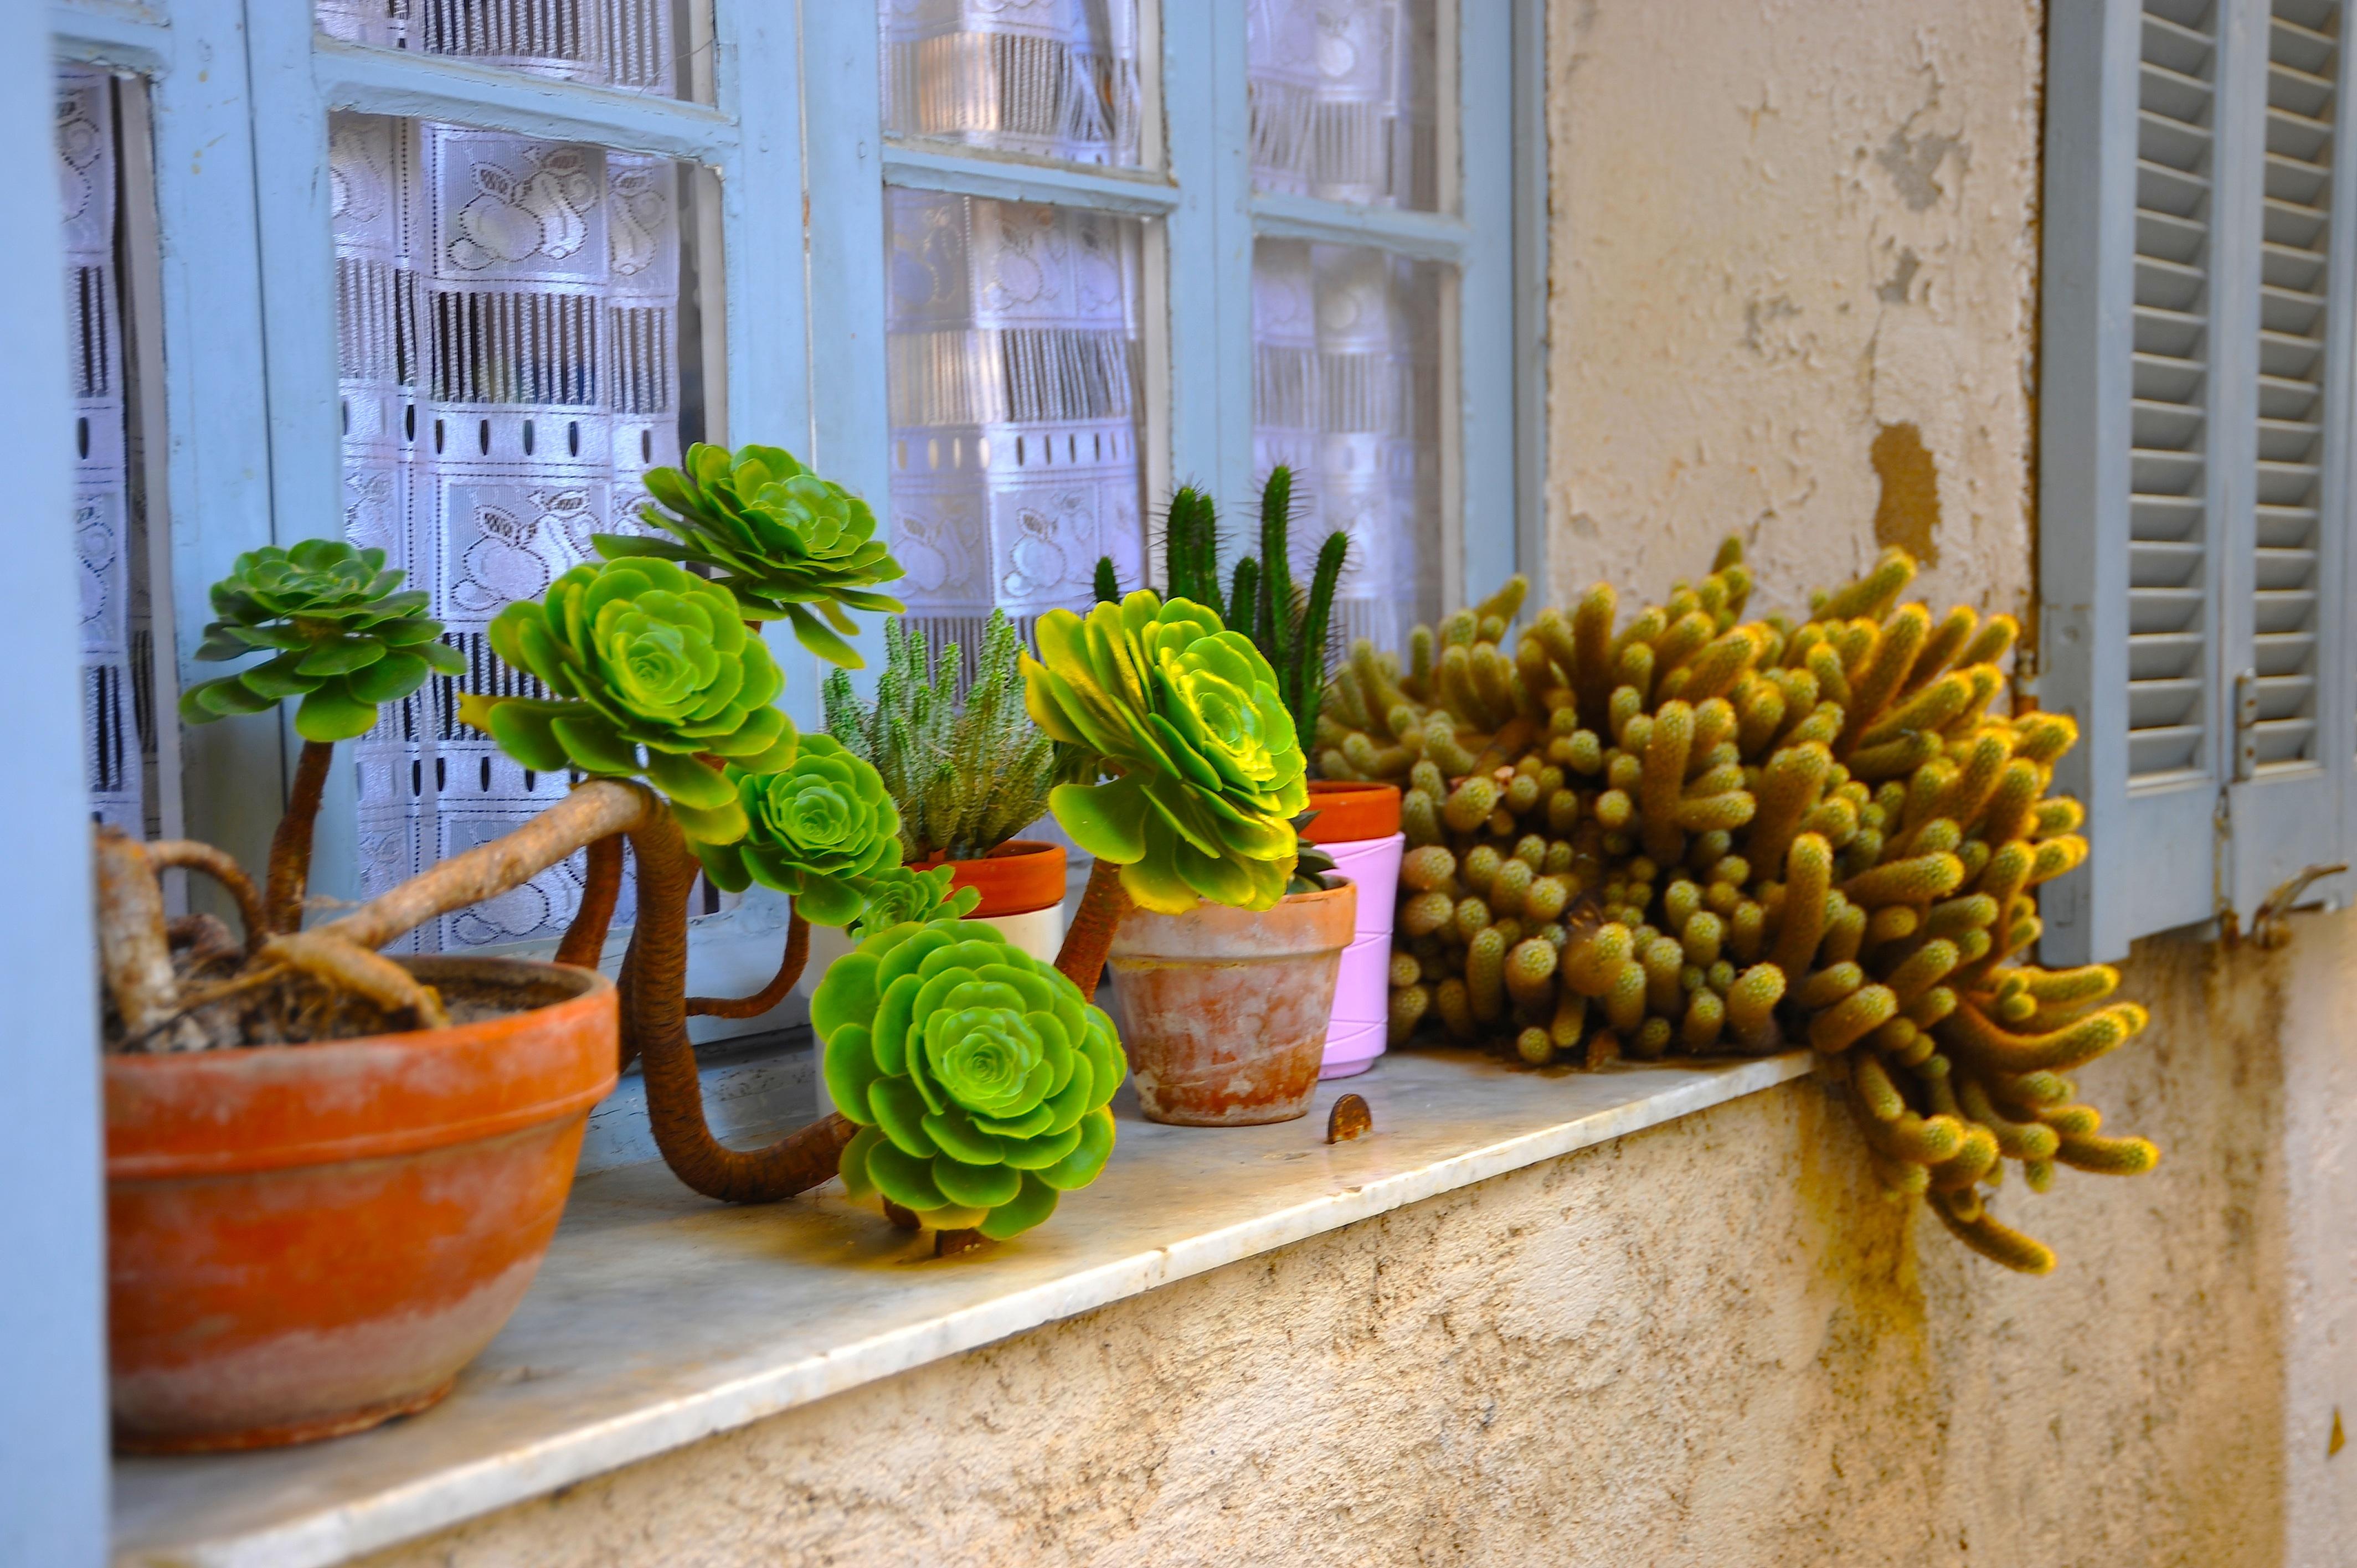 Lenticchie  il rimedio naturale per piante morenti – EcoSpiragli di ... dbf53b4269d5